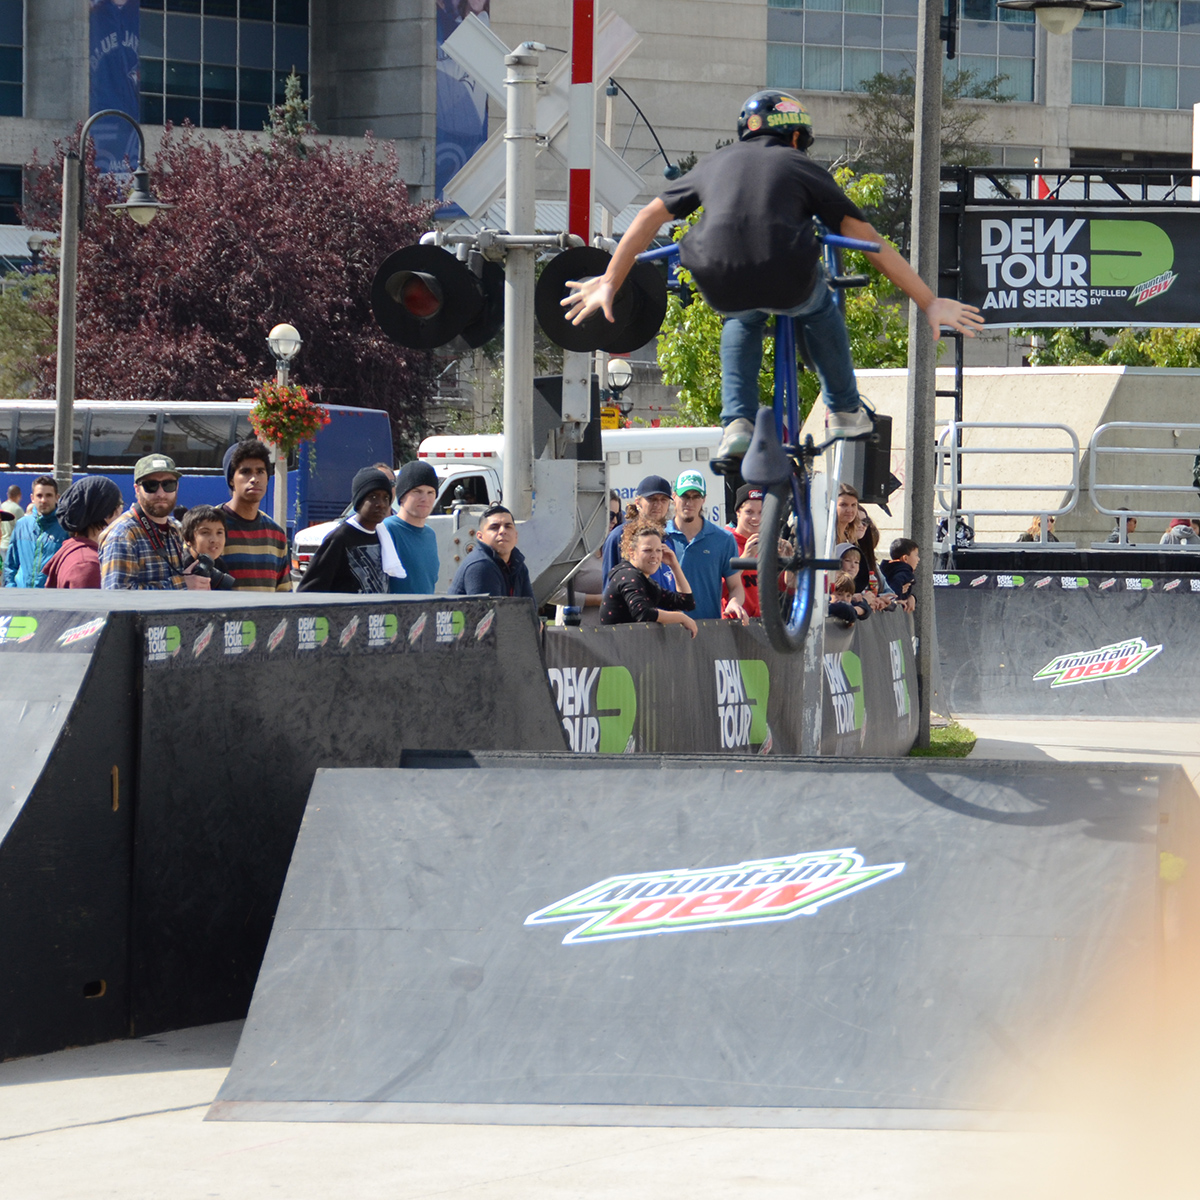 Tuck no hander at BMX Dew Tour Am Series in Toronto